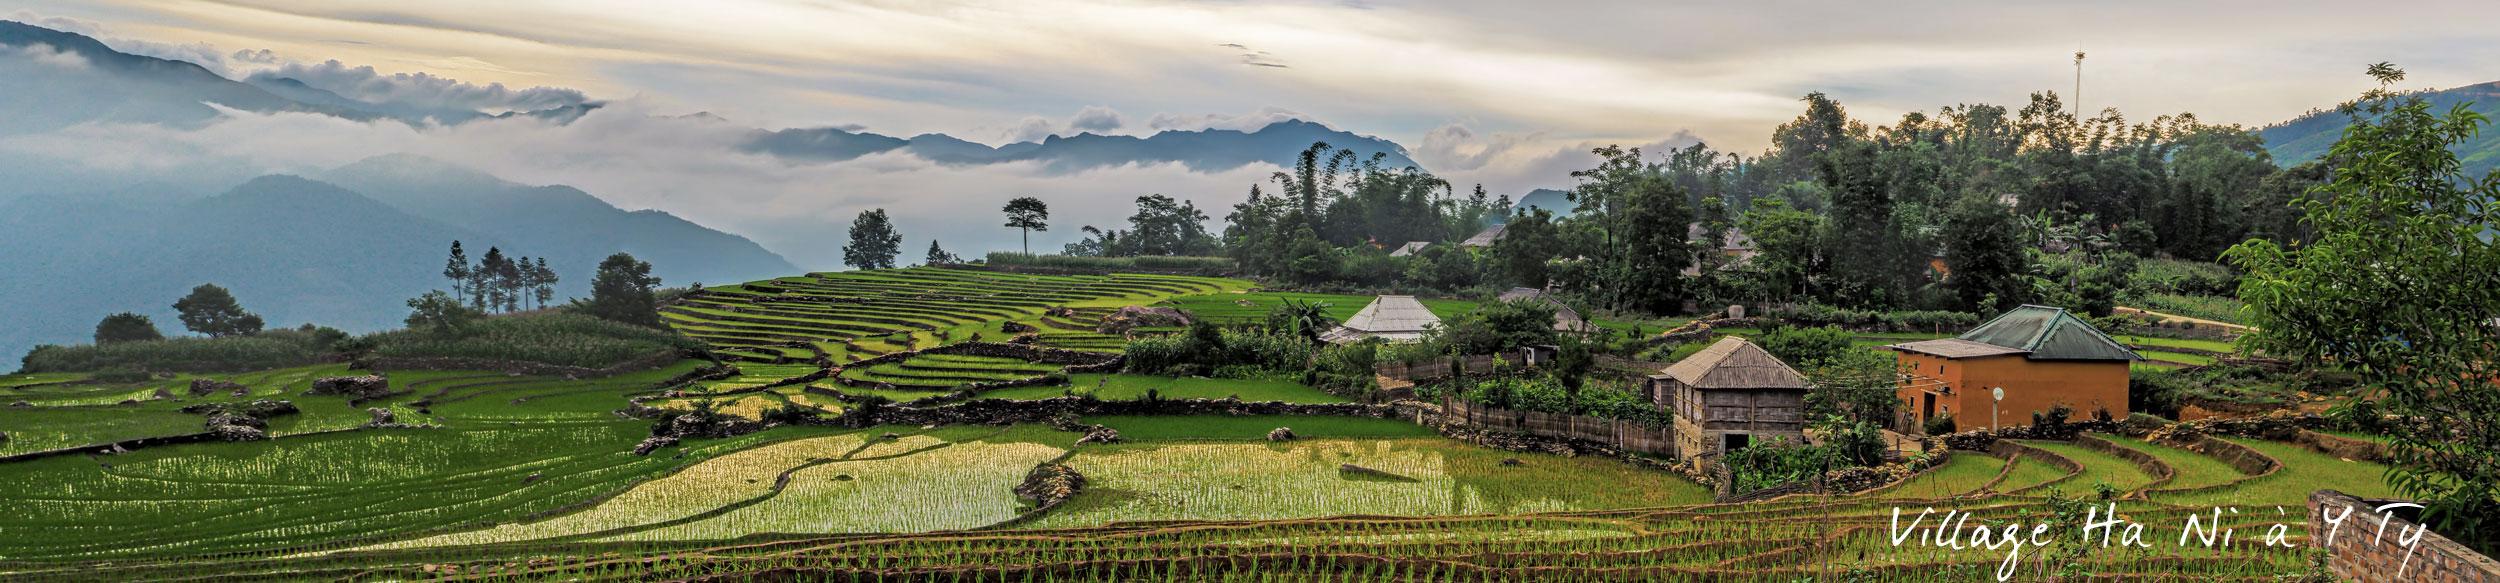 Un voyage à moto dans la région de Y Ty au Vietnam